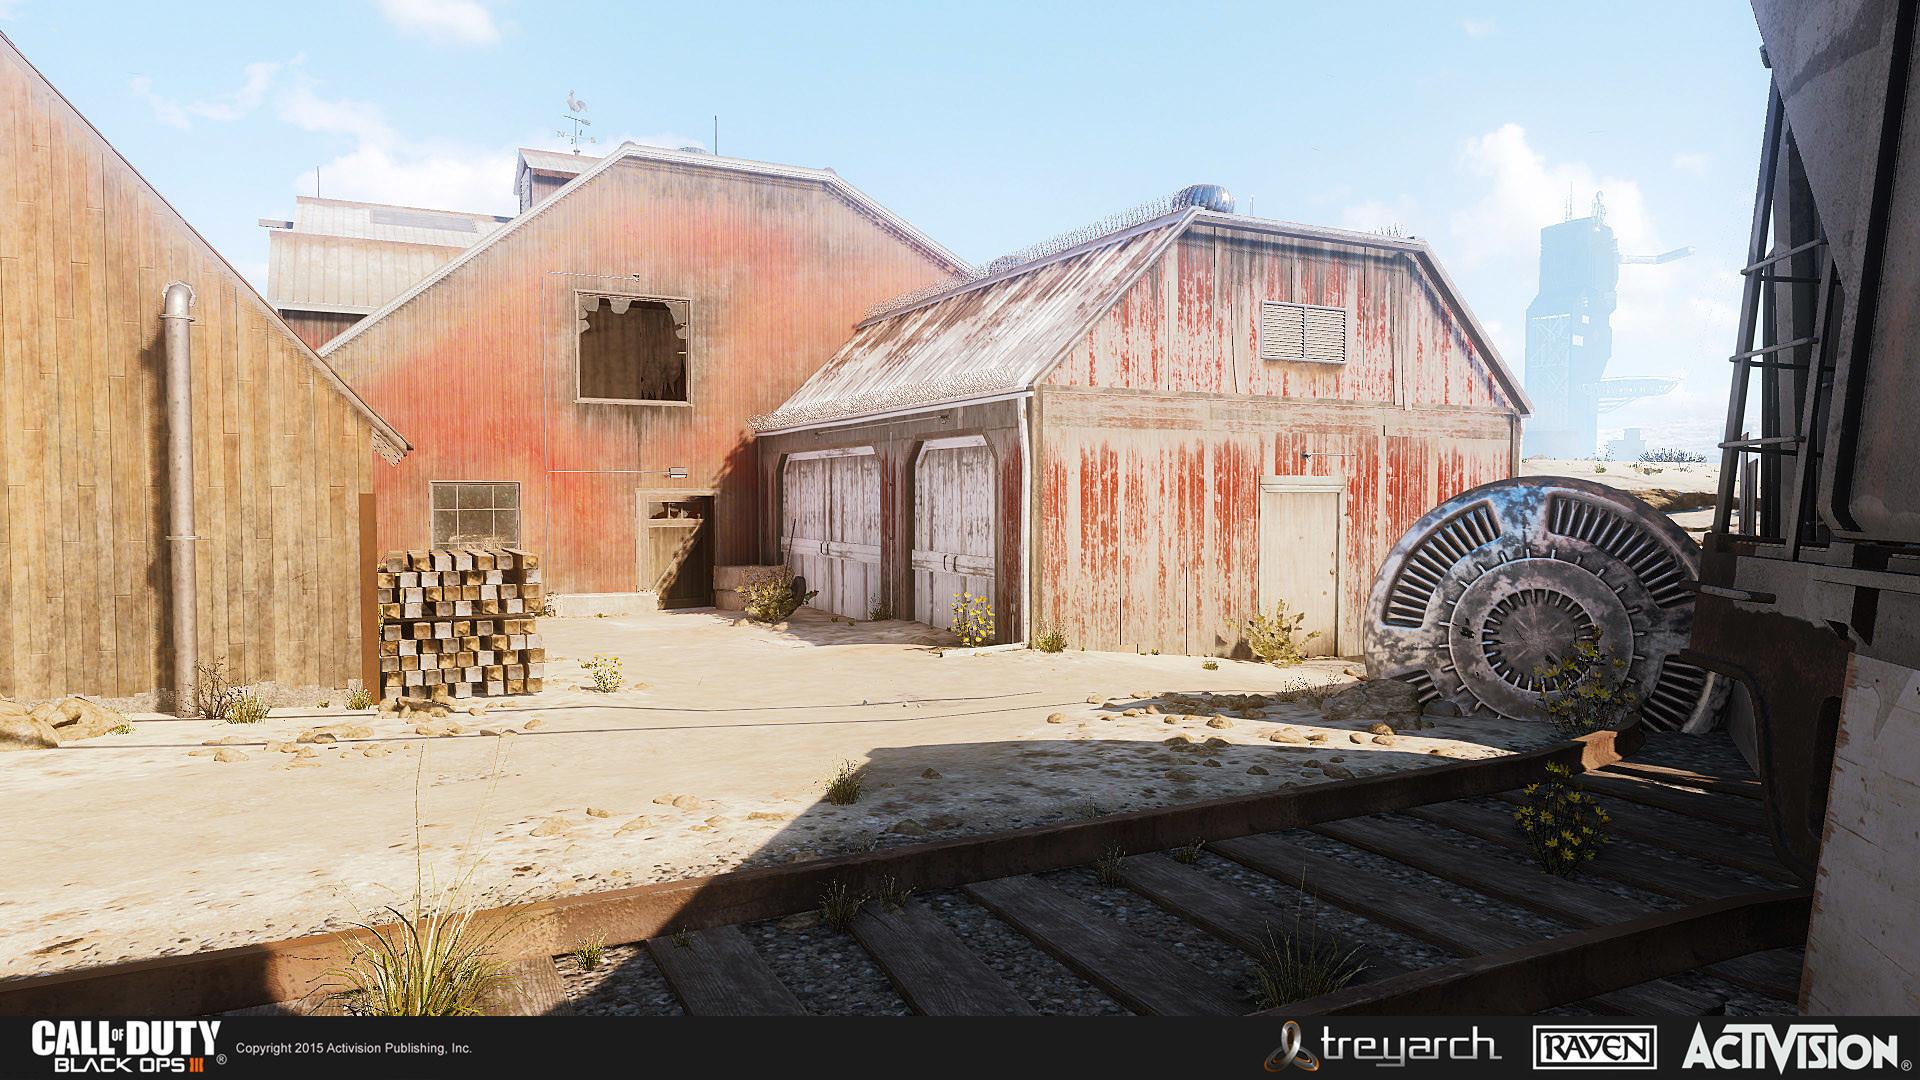 ArtStation - Call of Duty: Black Ops 3 Multiplayer Map - Fringe